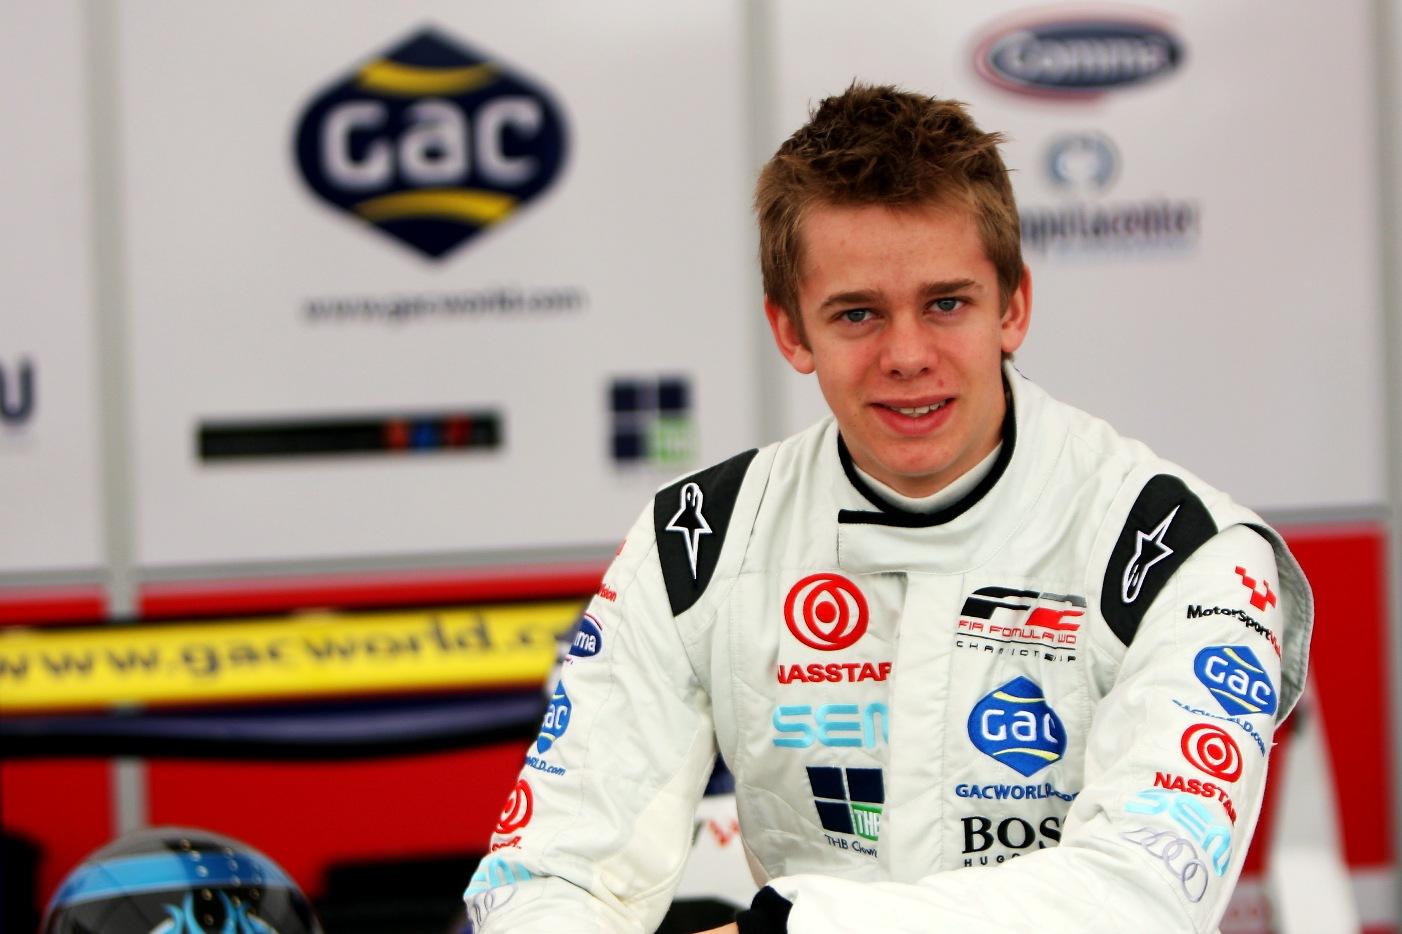 F2: Alex Brundle rejoins F2 for 2011